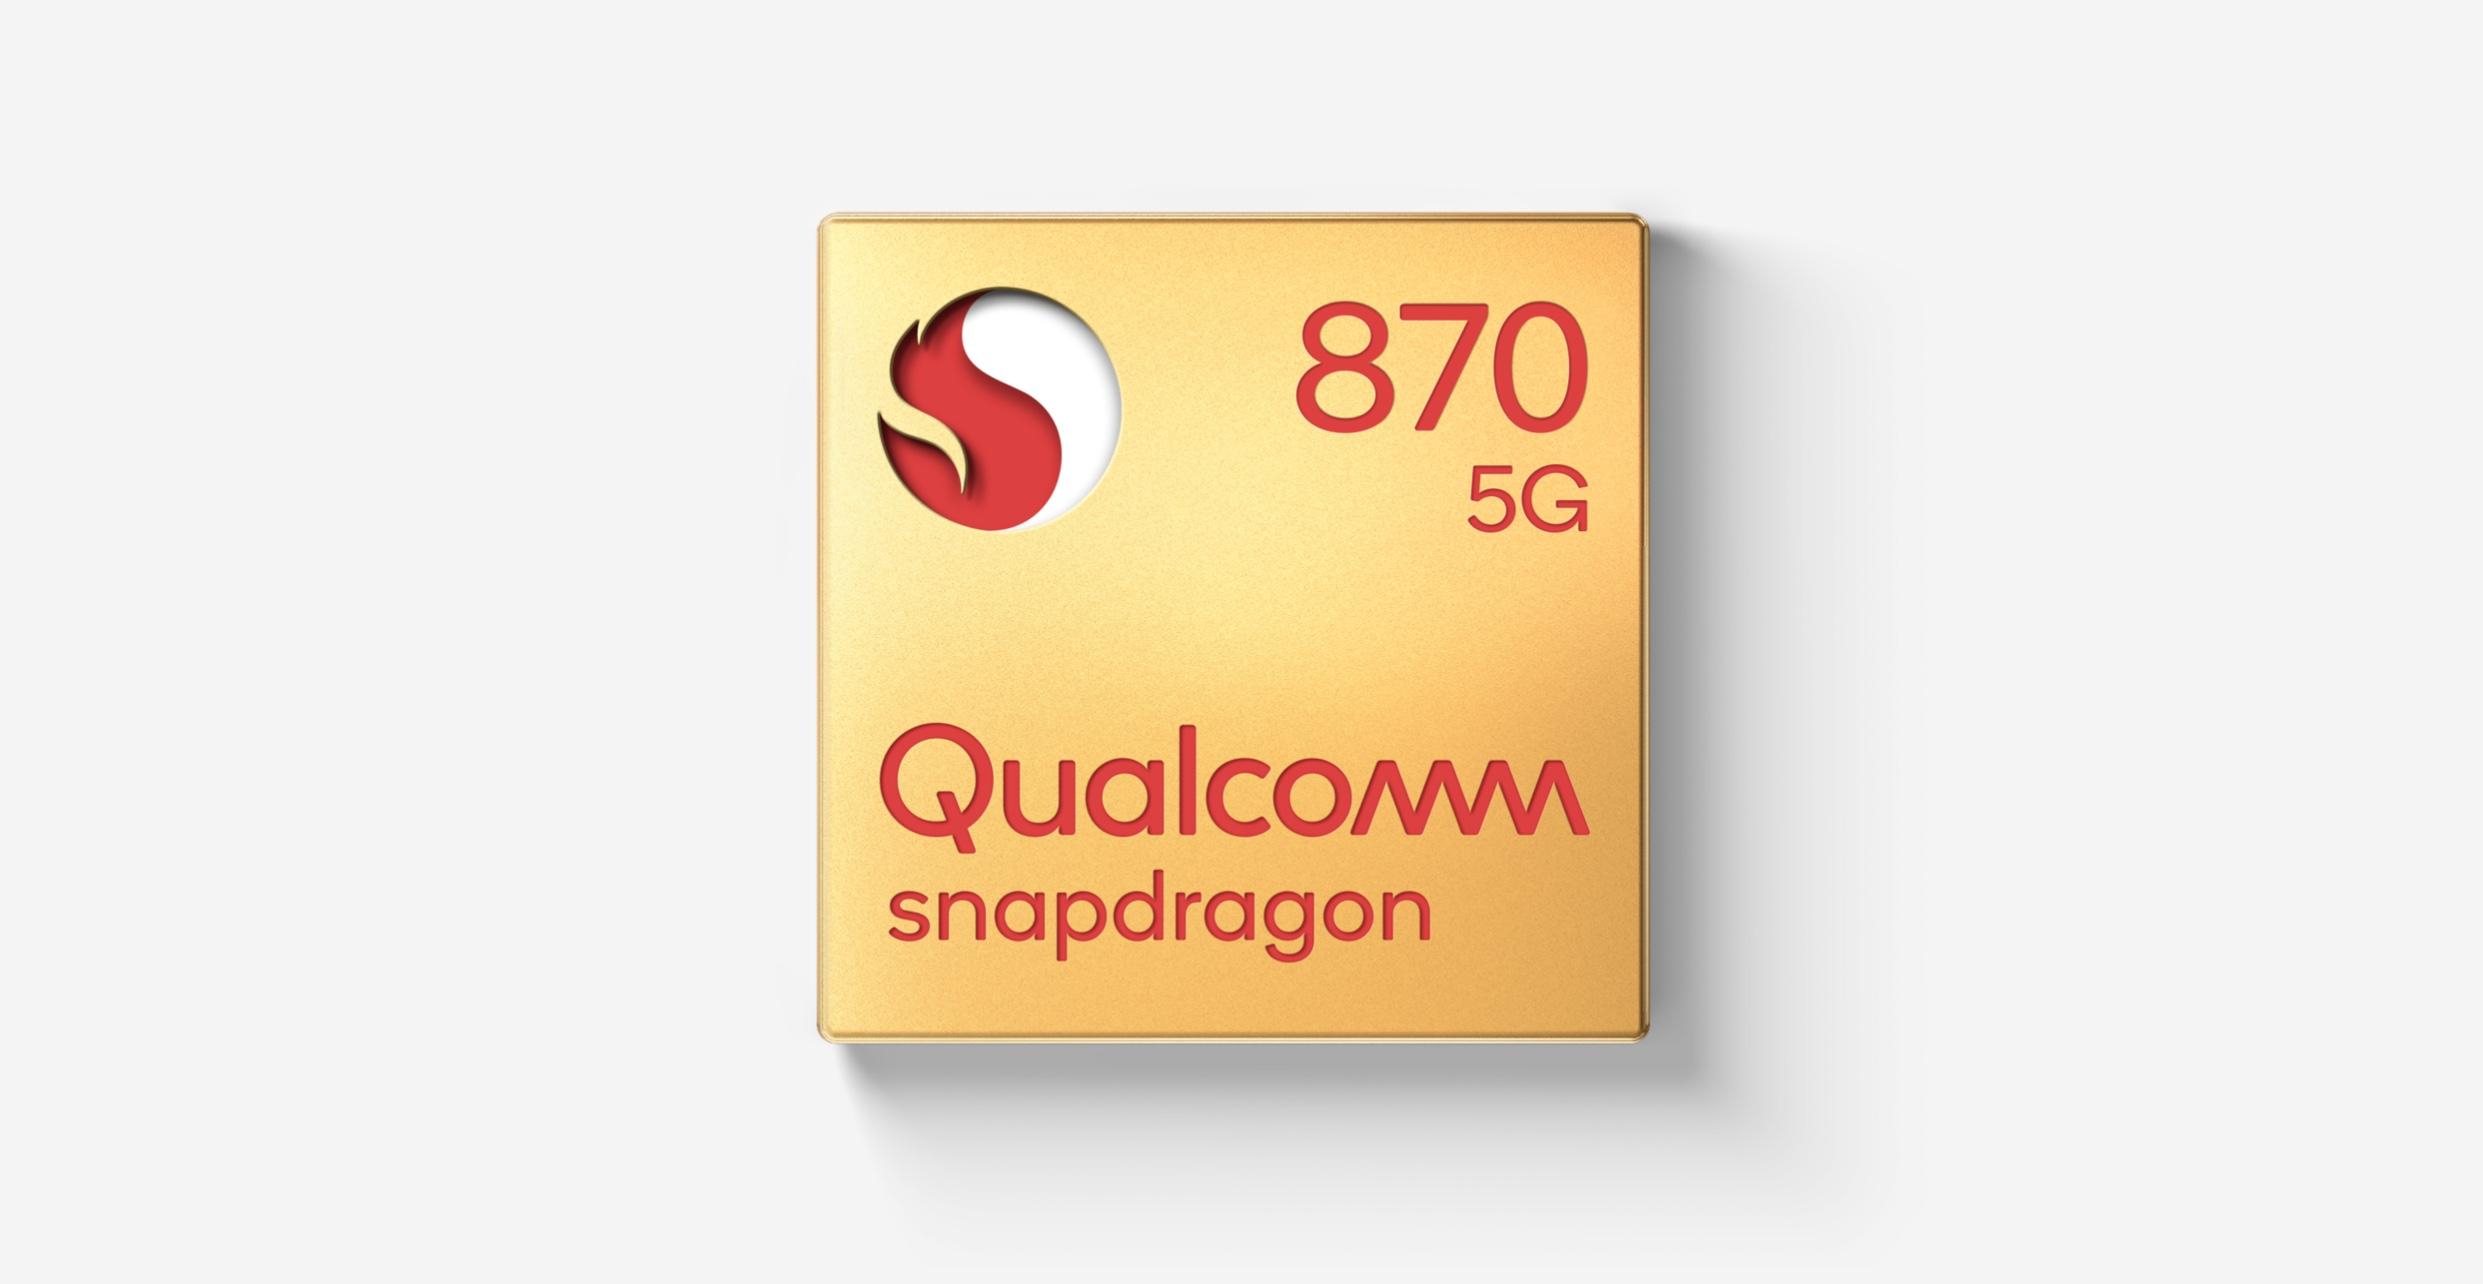 En complément du Snapdragon 888, Qualcomm introduit son Snapdragon 870, une version peaufinée du 865 lancé il y a un peu plus d'un an